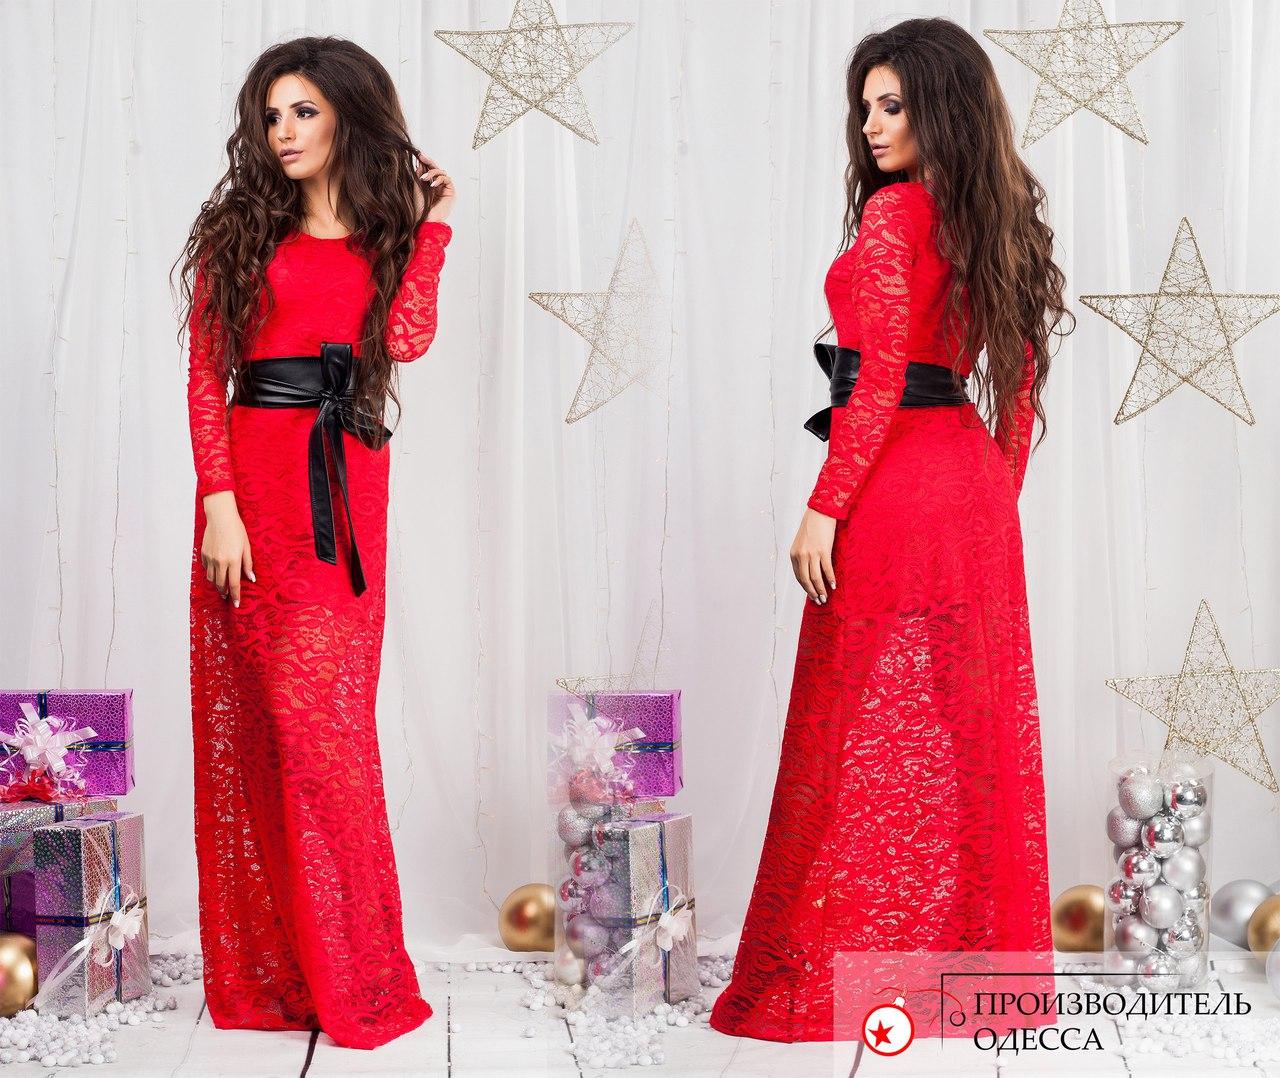 Картинки красных длинных гипюровых платьев